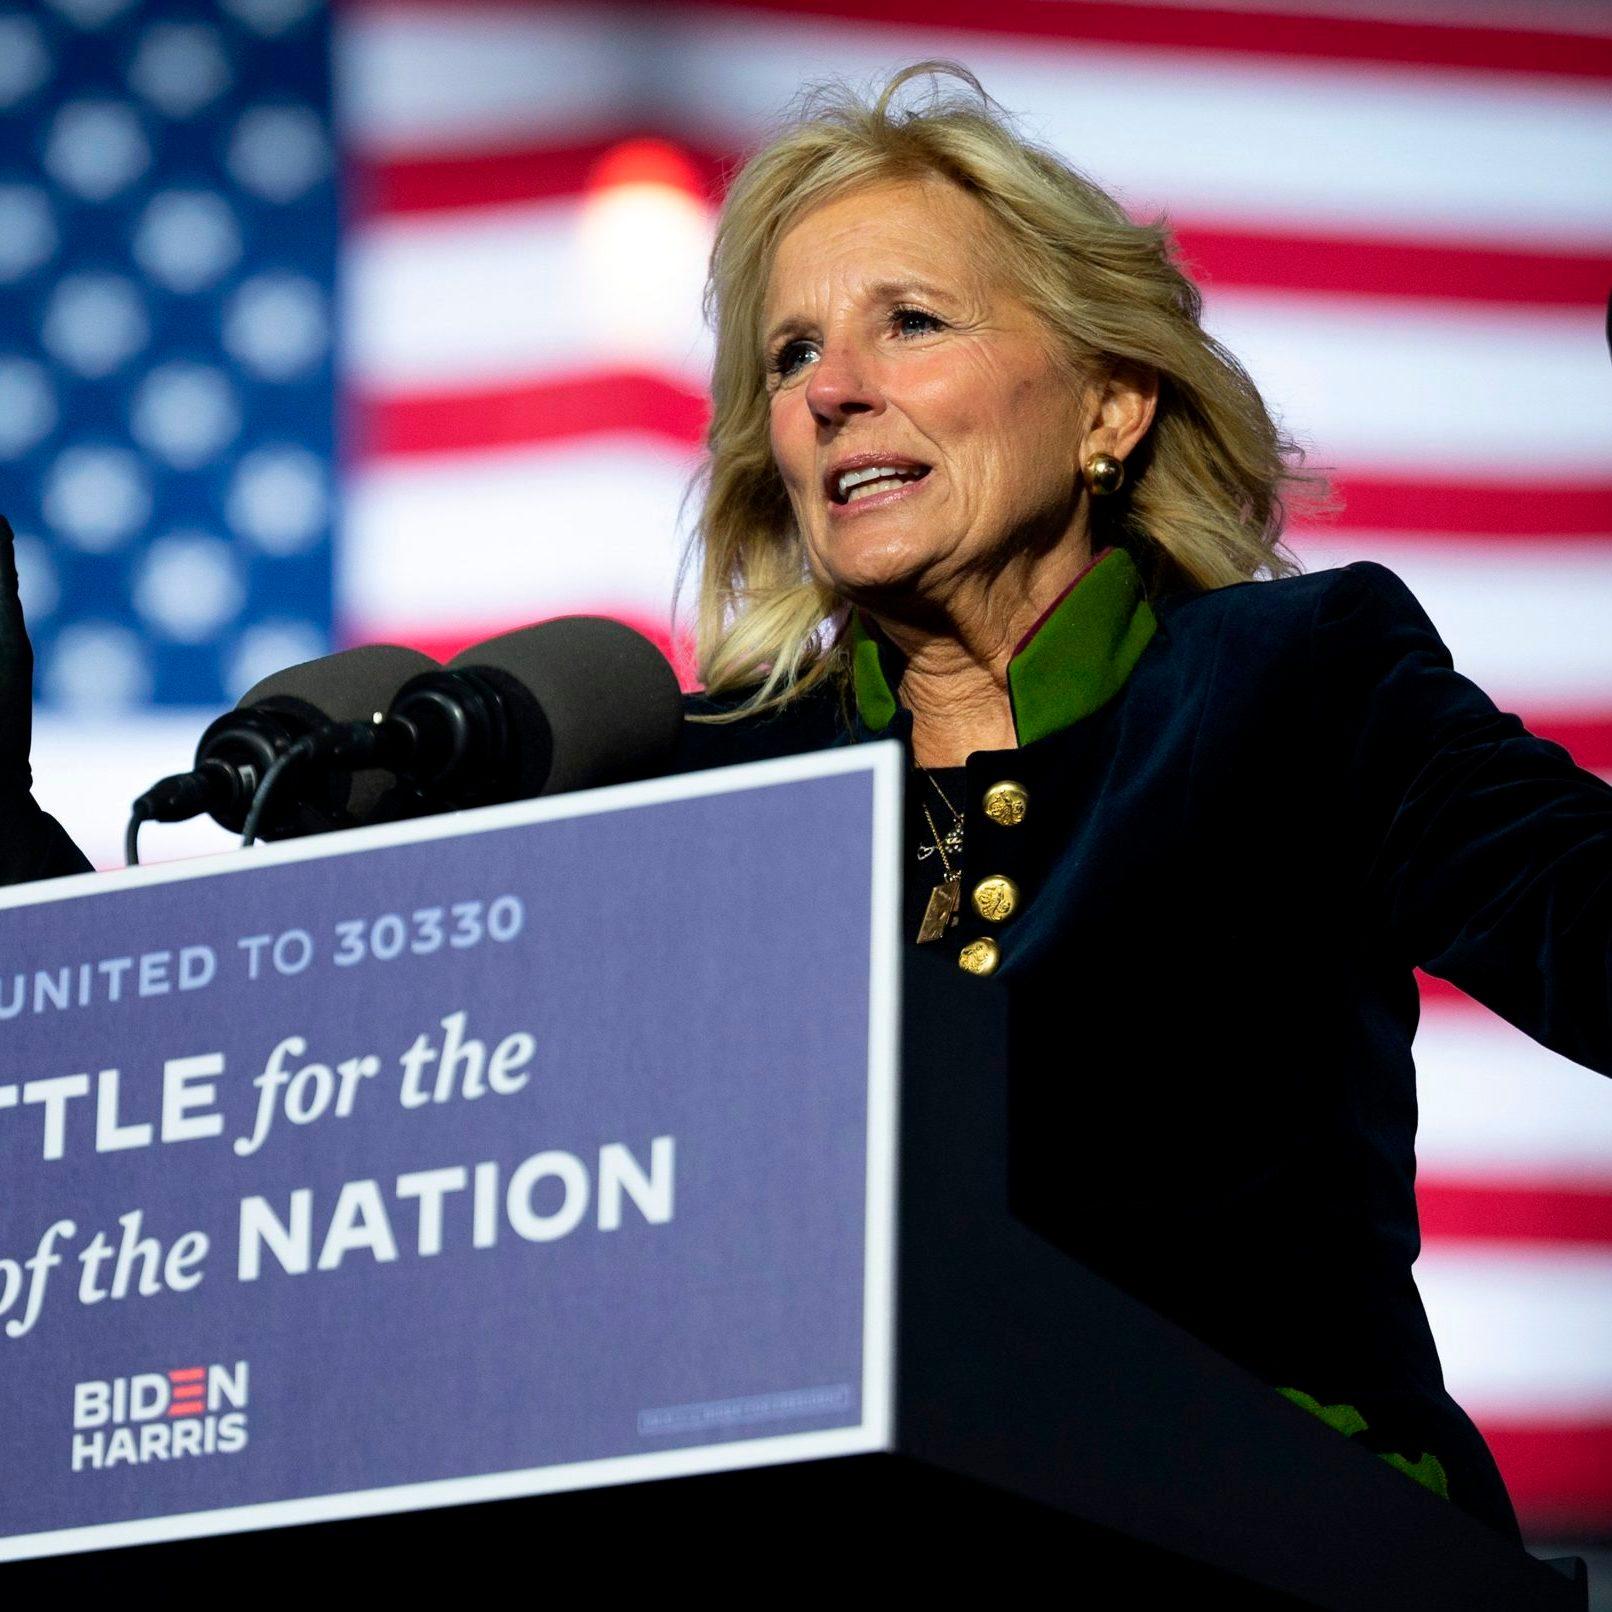 Jill Biden, first lady